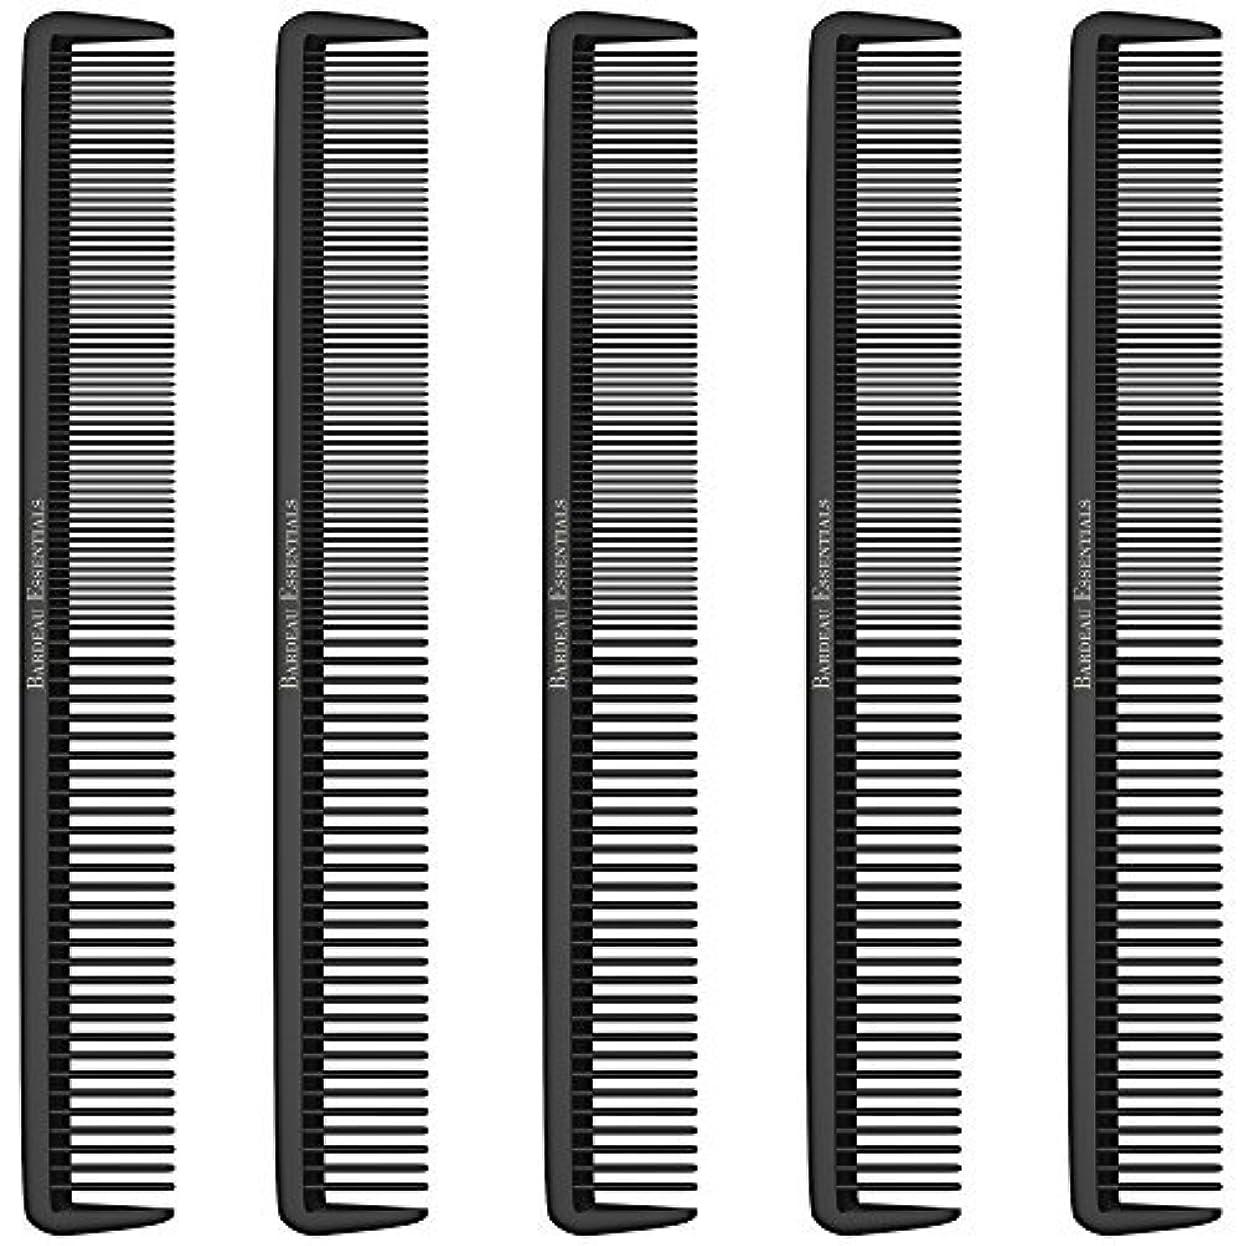 """ショッキング宅配便育成Styling Comb (5 Pack) - Professional 8.75"""" Black Carbon Fiber Anti Static Chemical And Heat Resistant Hair Combs For All Hair Types For Men and Women - By Bardeau Essentials [並行輸入品]"""